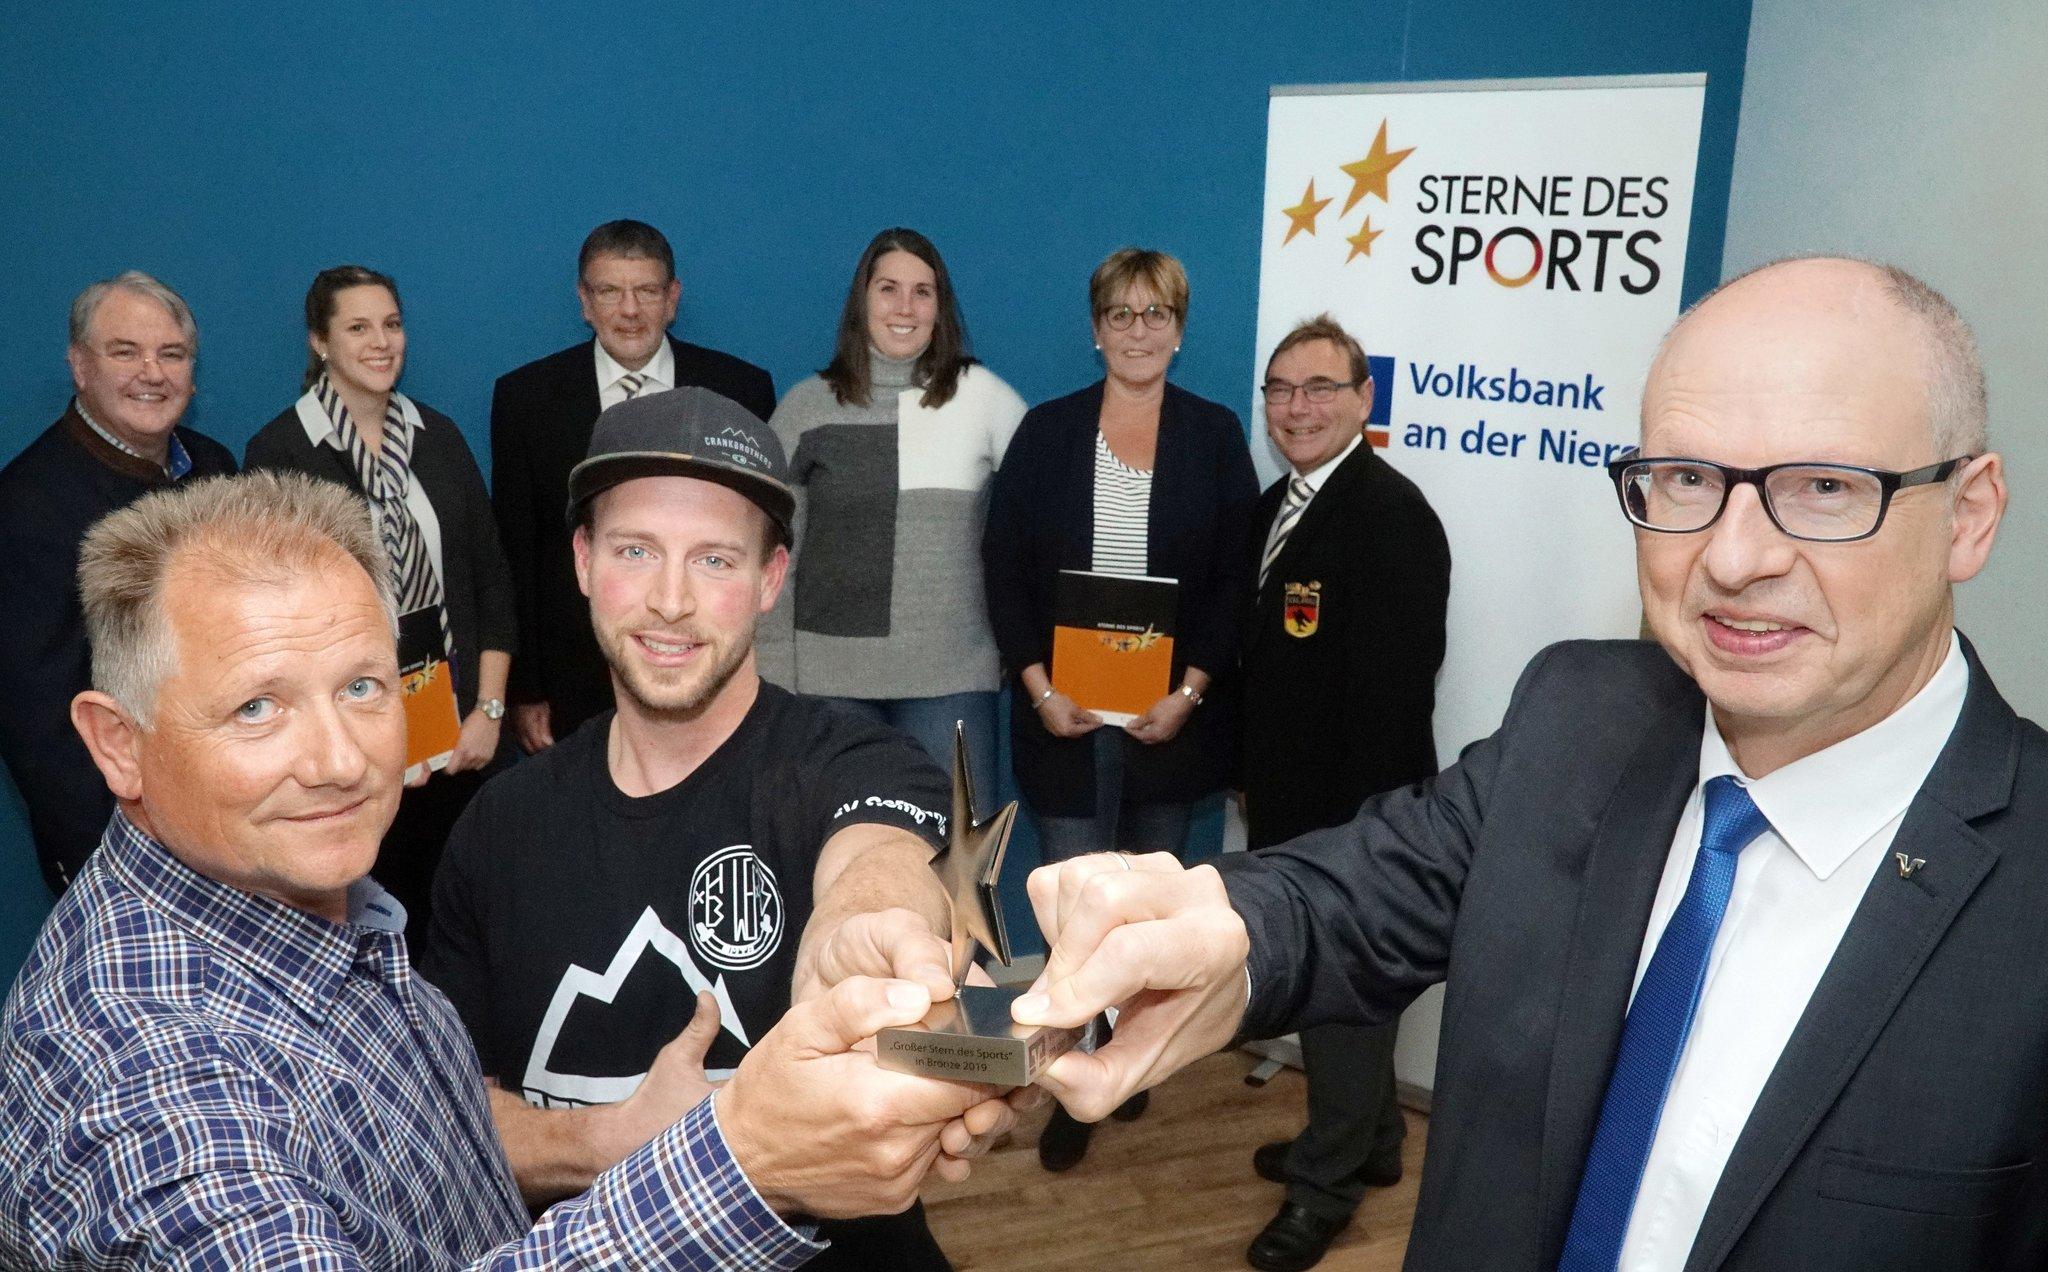 Preisgeld als Unterstützung für die junge Mountainbike-Gruppe: Germania Wemb gewinnt den großen Stern des Sports in Bronze - Lokalkompass.de